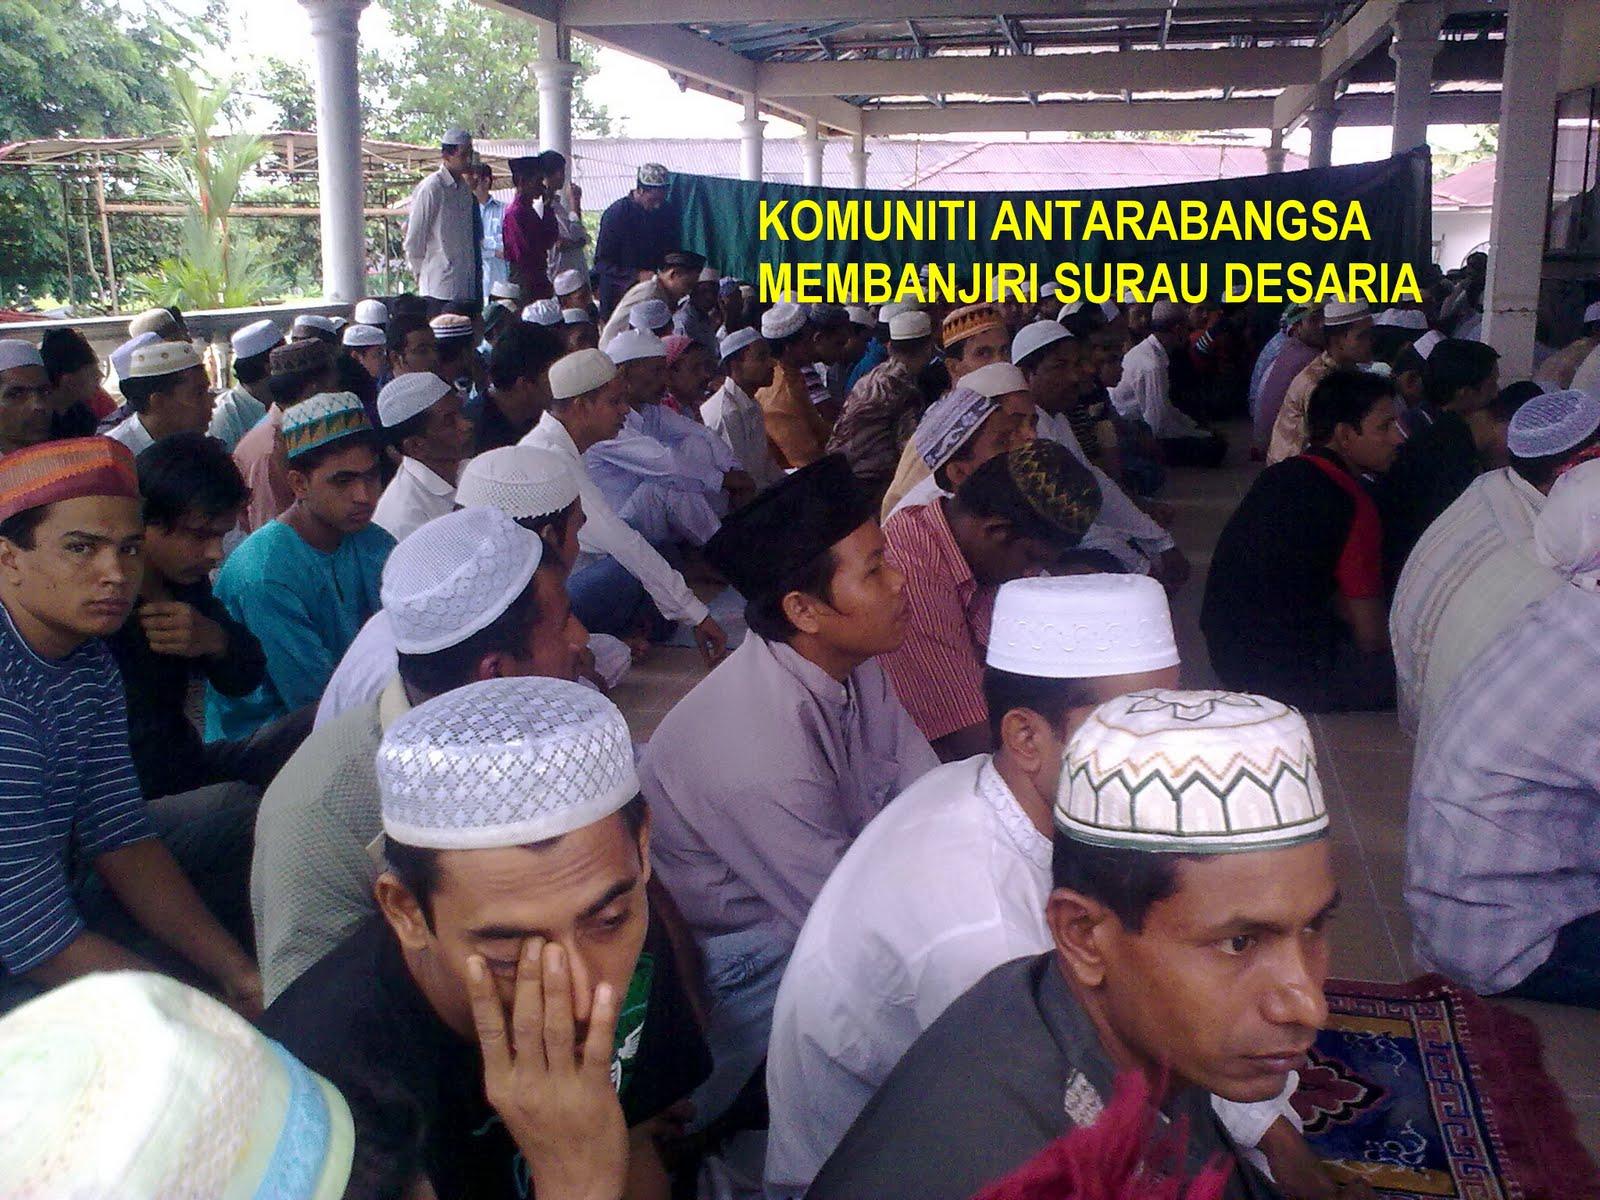 Waktu Solat Di Nilai Negeri Sembilan 2013